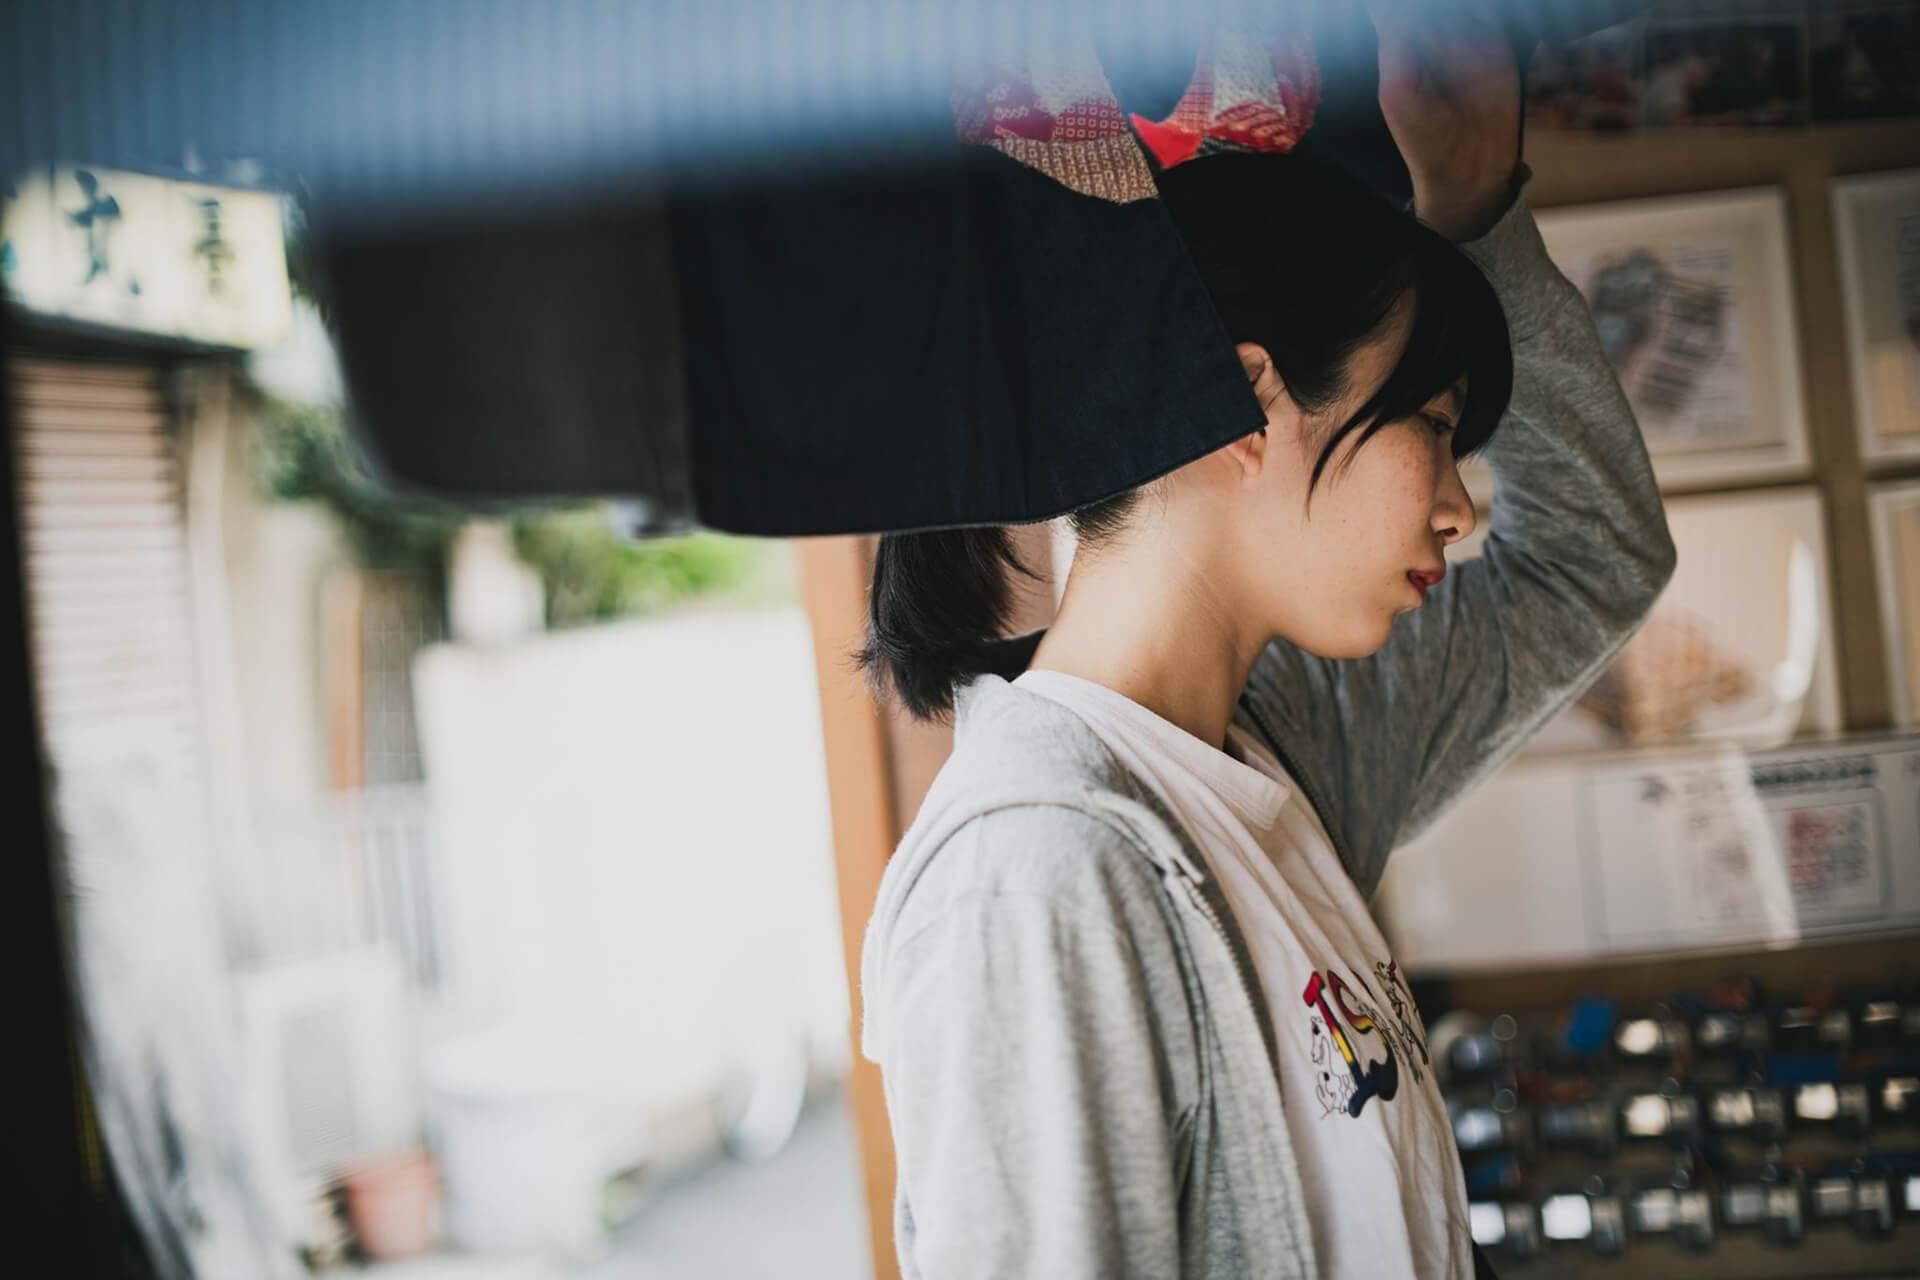 湯沸かし市に出典する「銭湯女子」のイメージ